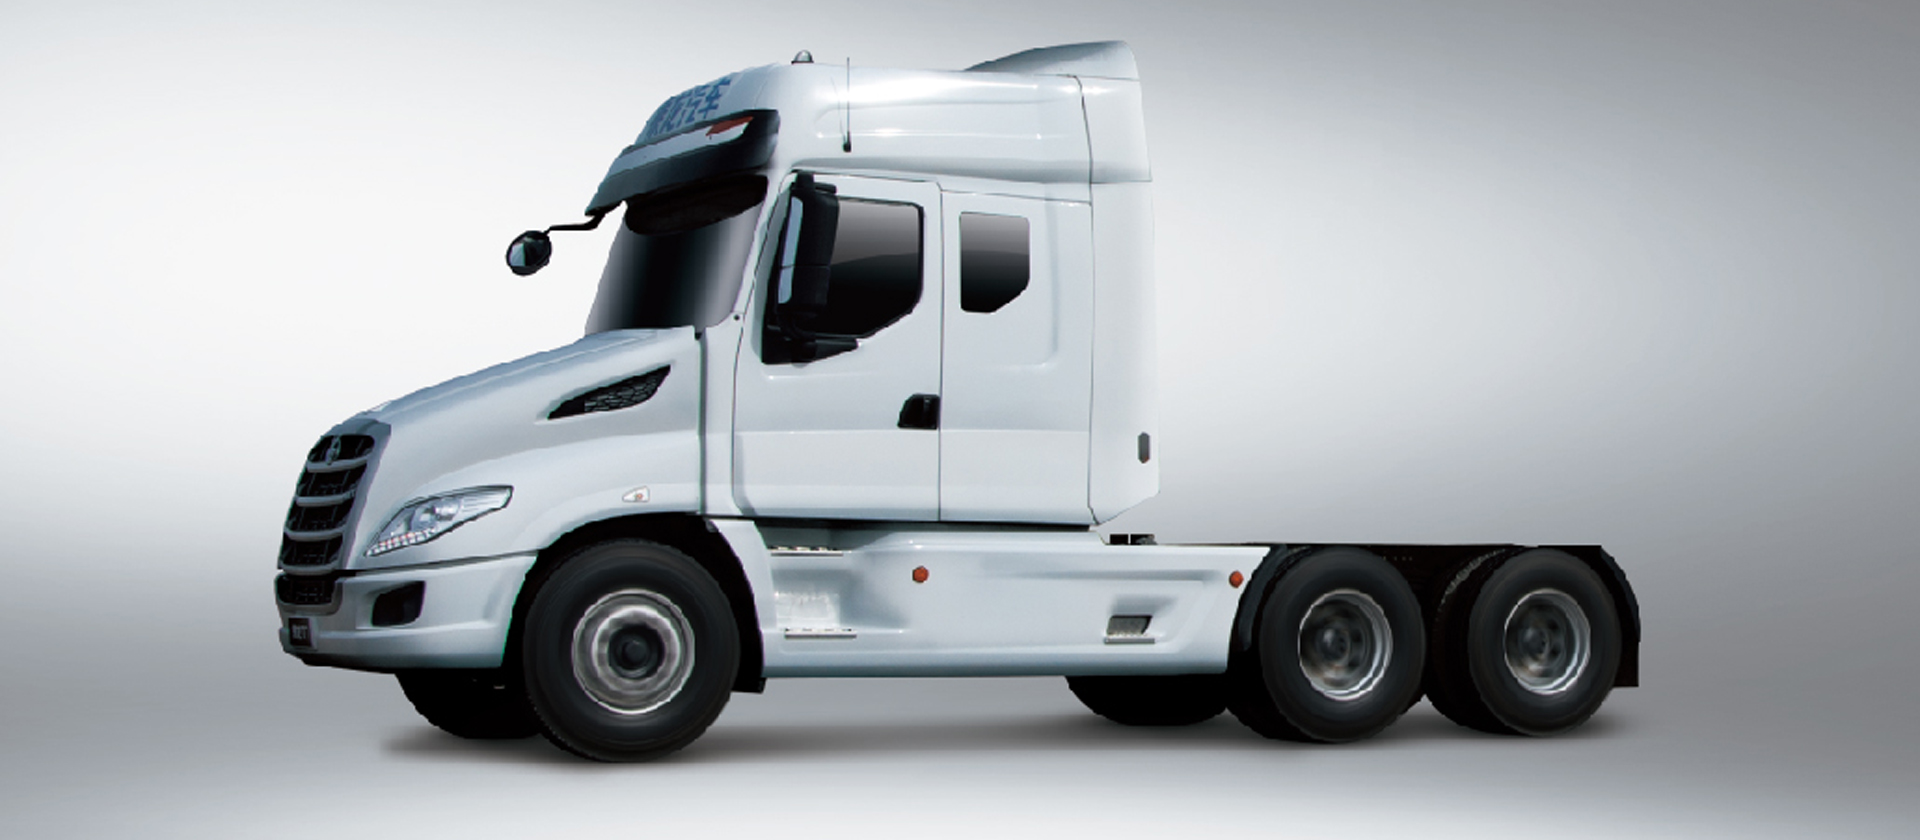 T7牵引车 安全 美式长头造型:长头造型设计,对驾驶员形成天然保护,同时降低驾驶室重心与侧翻风险